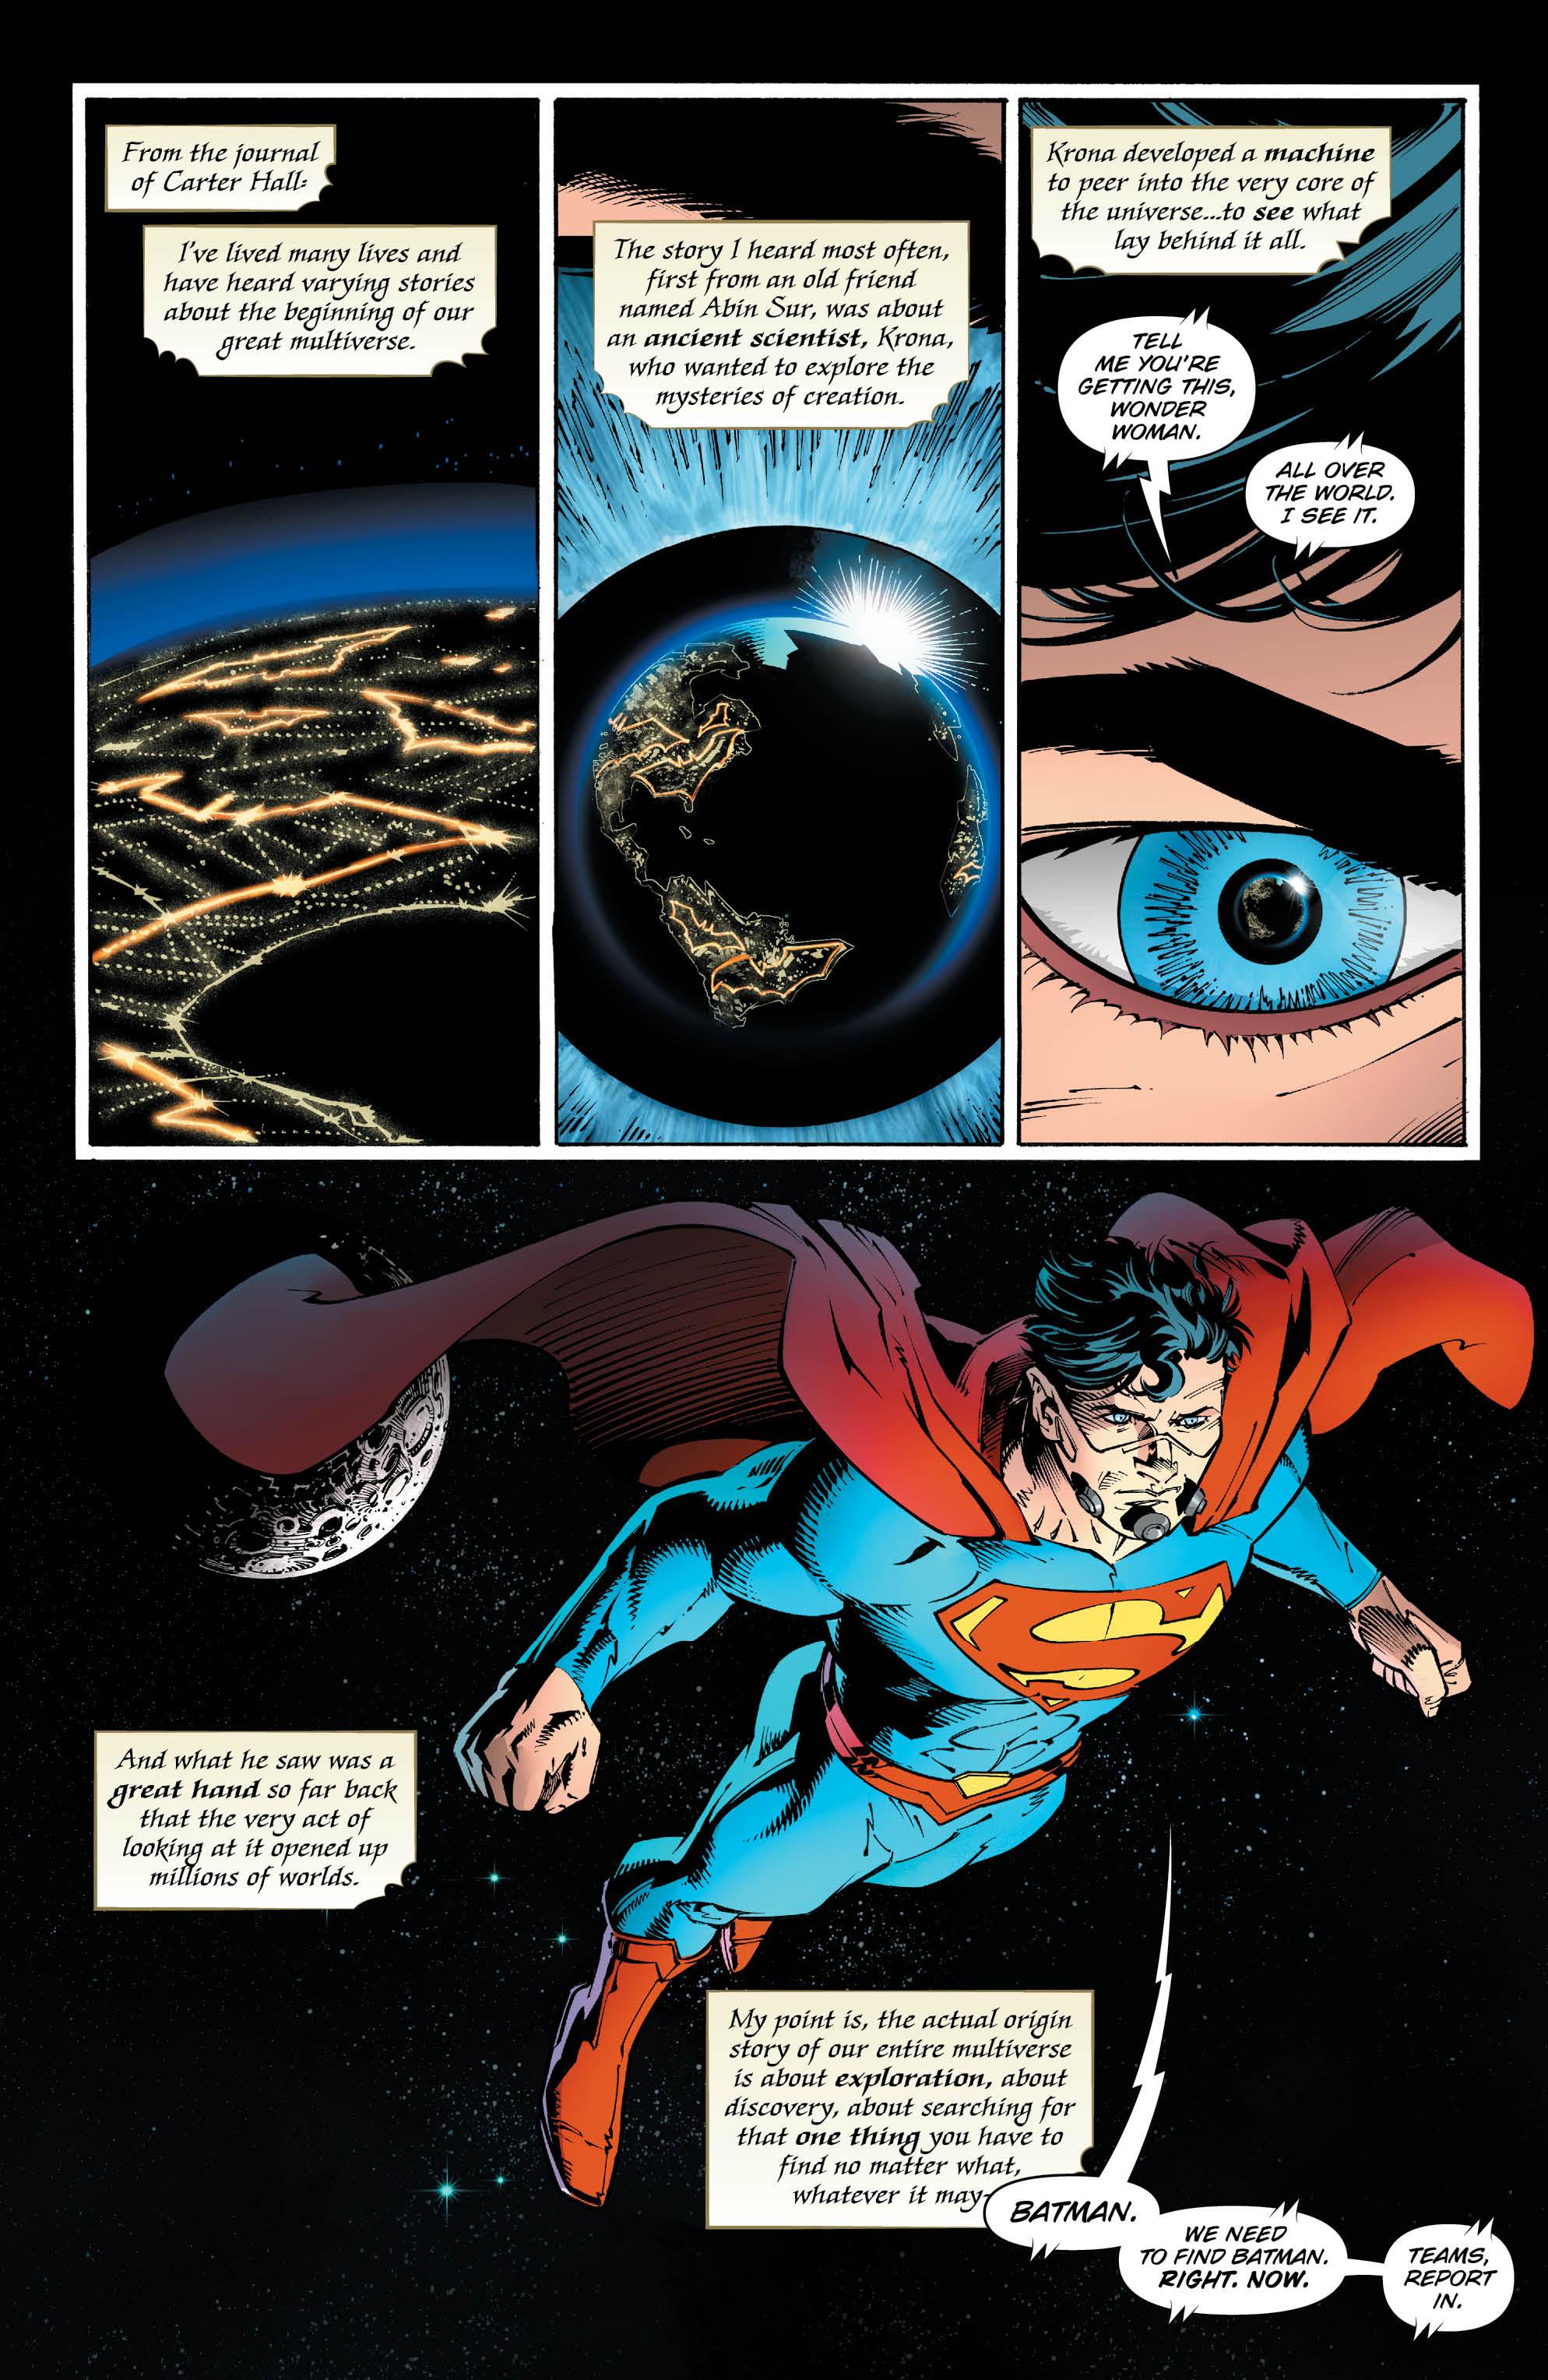 Metal 2 - Page 1 - DC Comics News